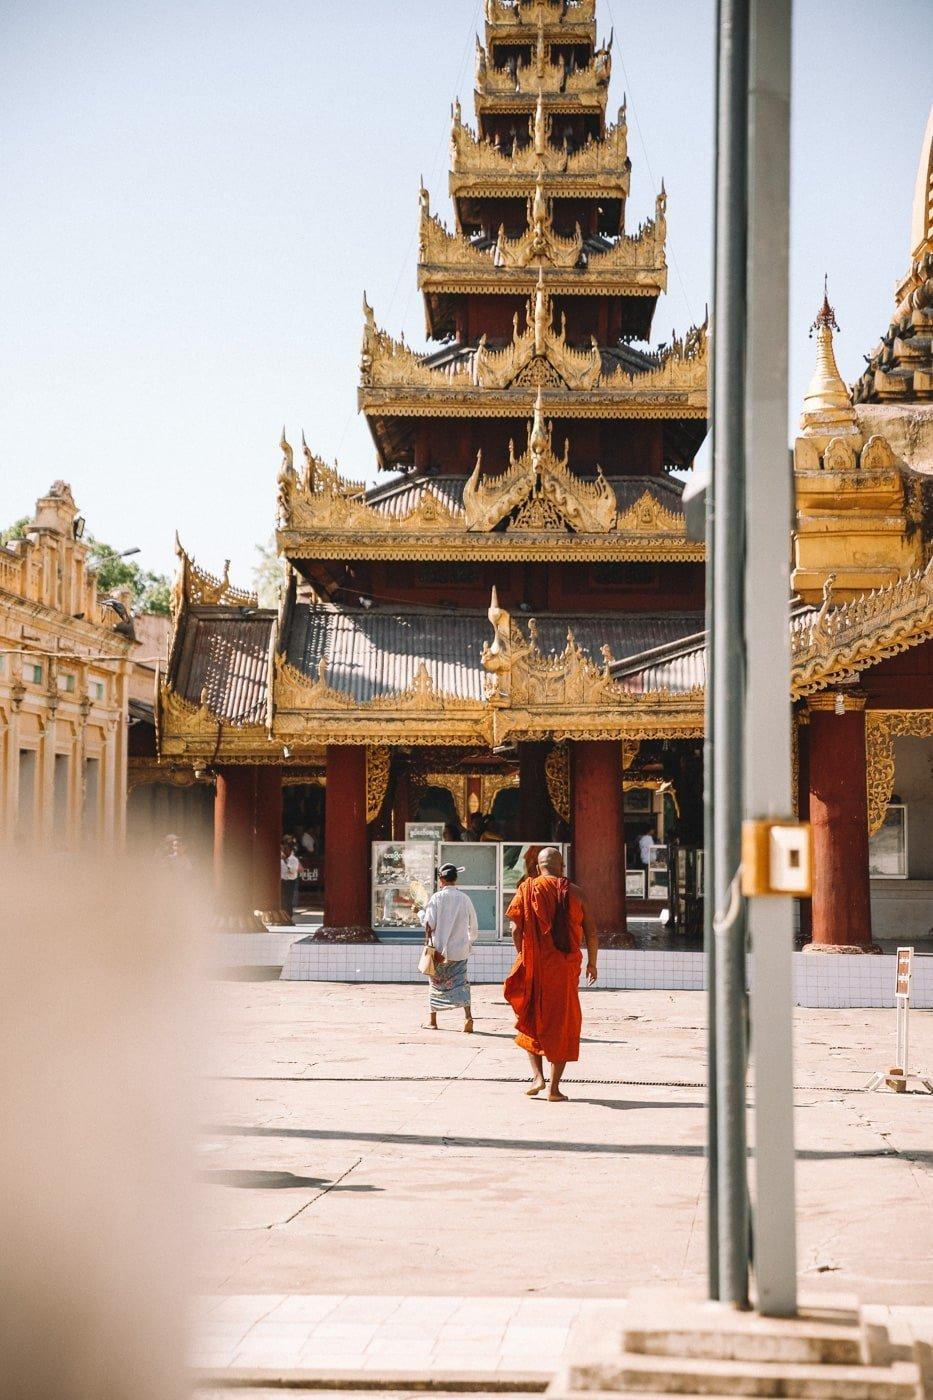 MYANMAR BUDDHIST TEMPLE